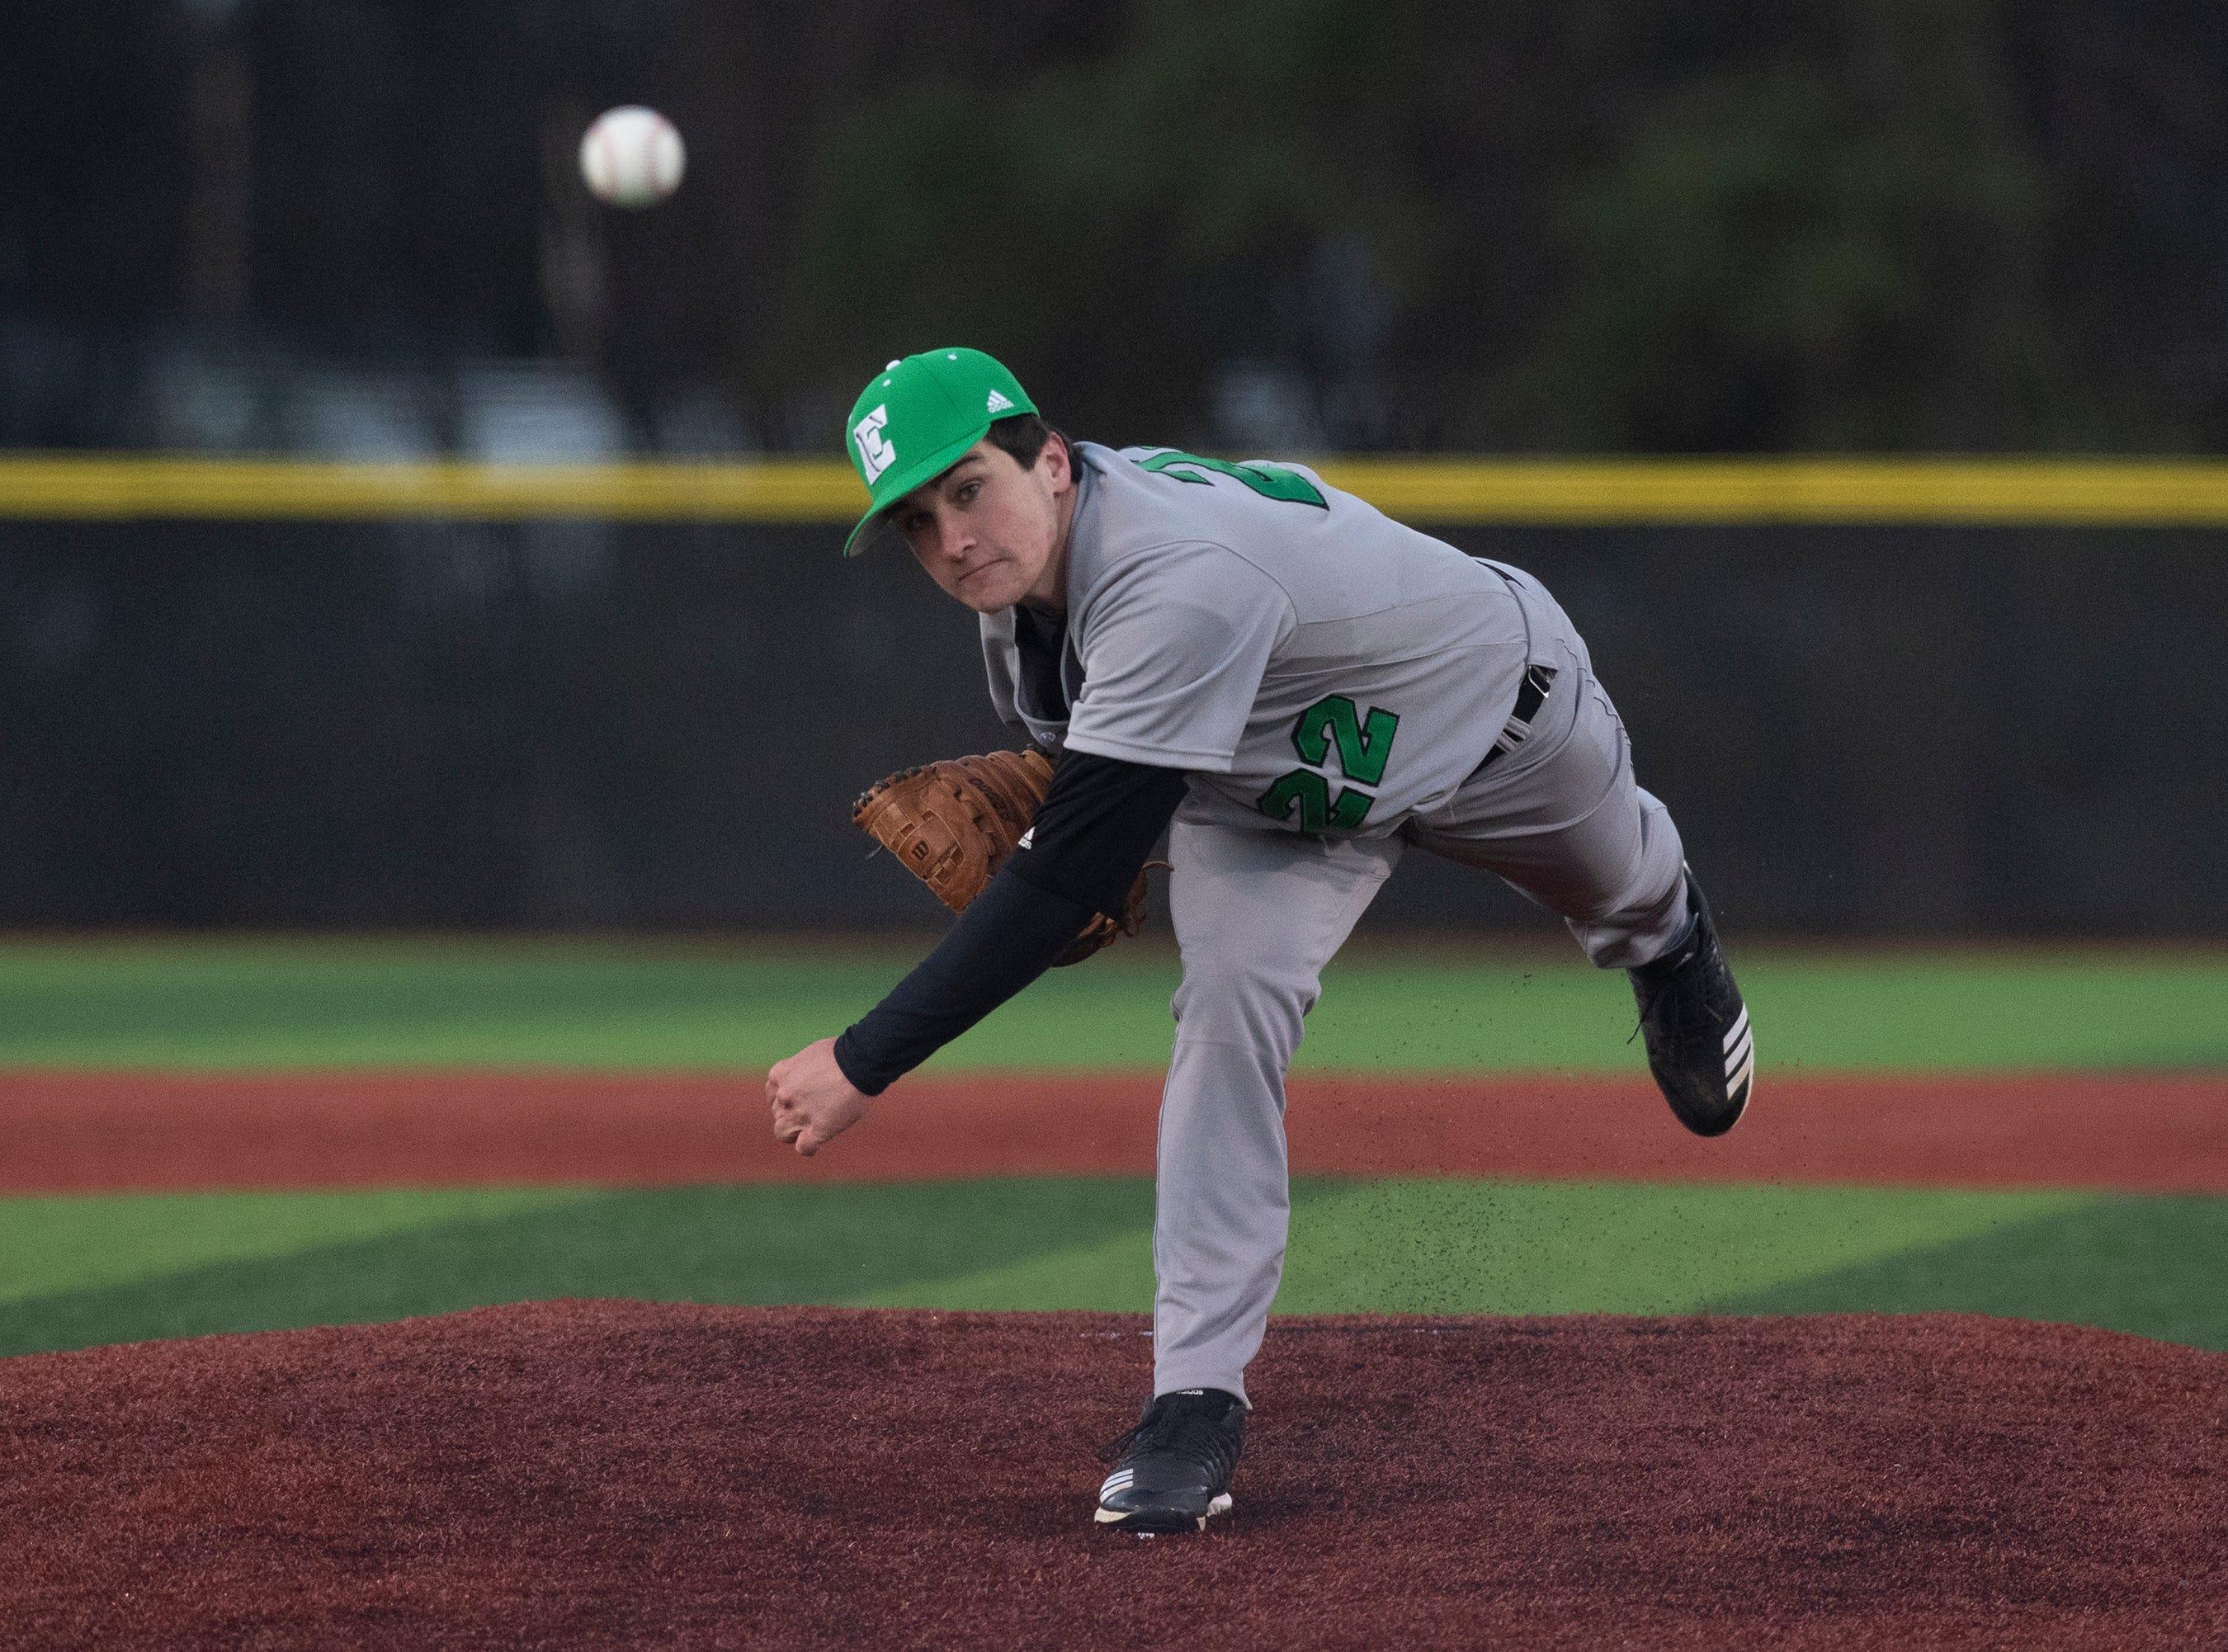 Easley High School's Devyn Bond (22) pitches against Westside High School at Westside High School Tuesday, Mar. 5, 2019.